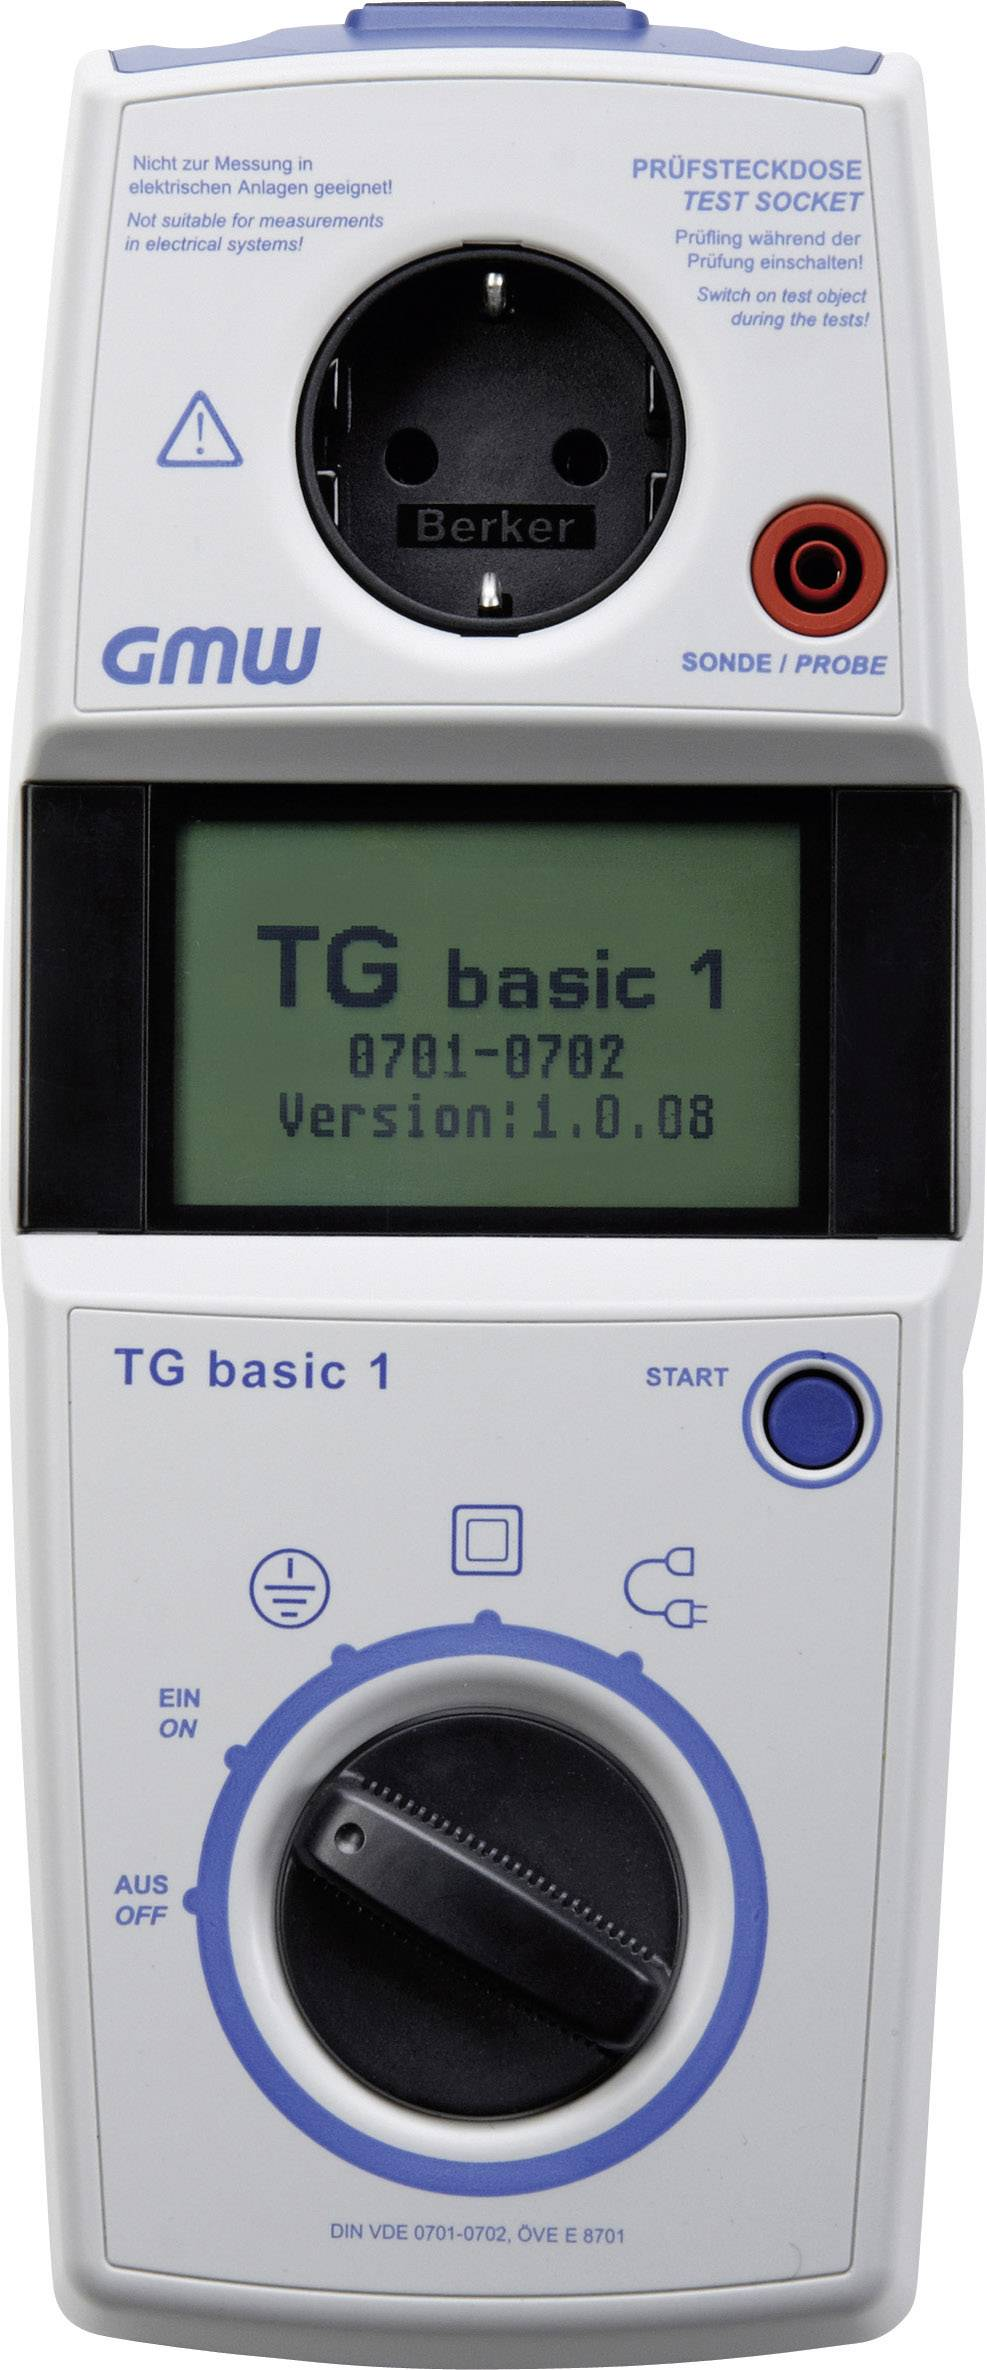 VDE tester GMW TG basic 1 BL, 63000 0001